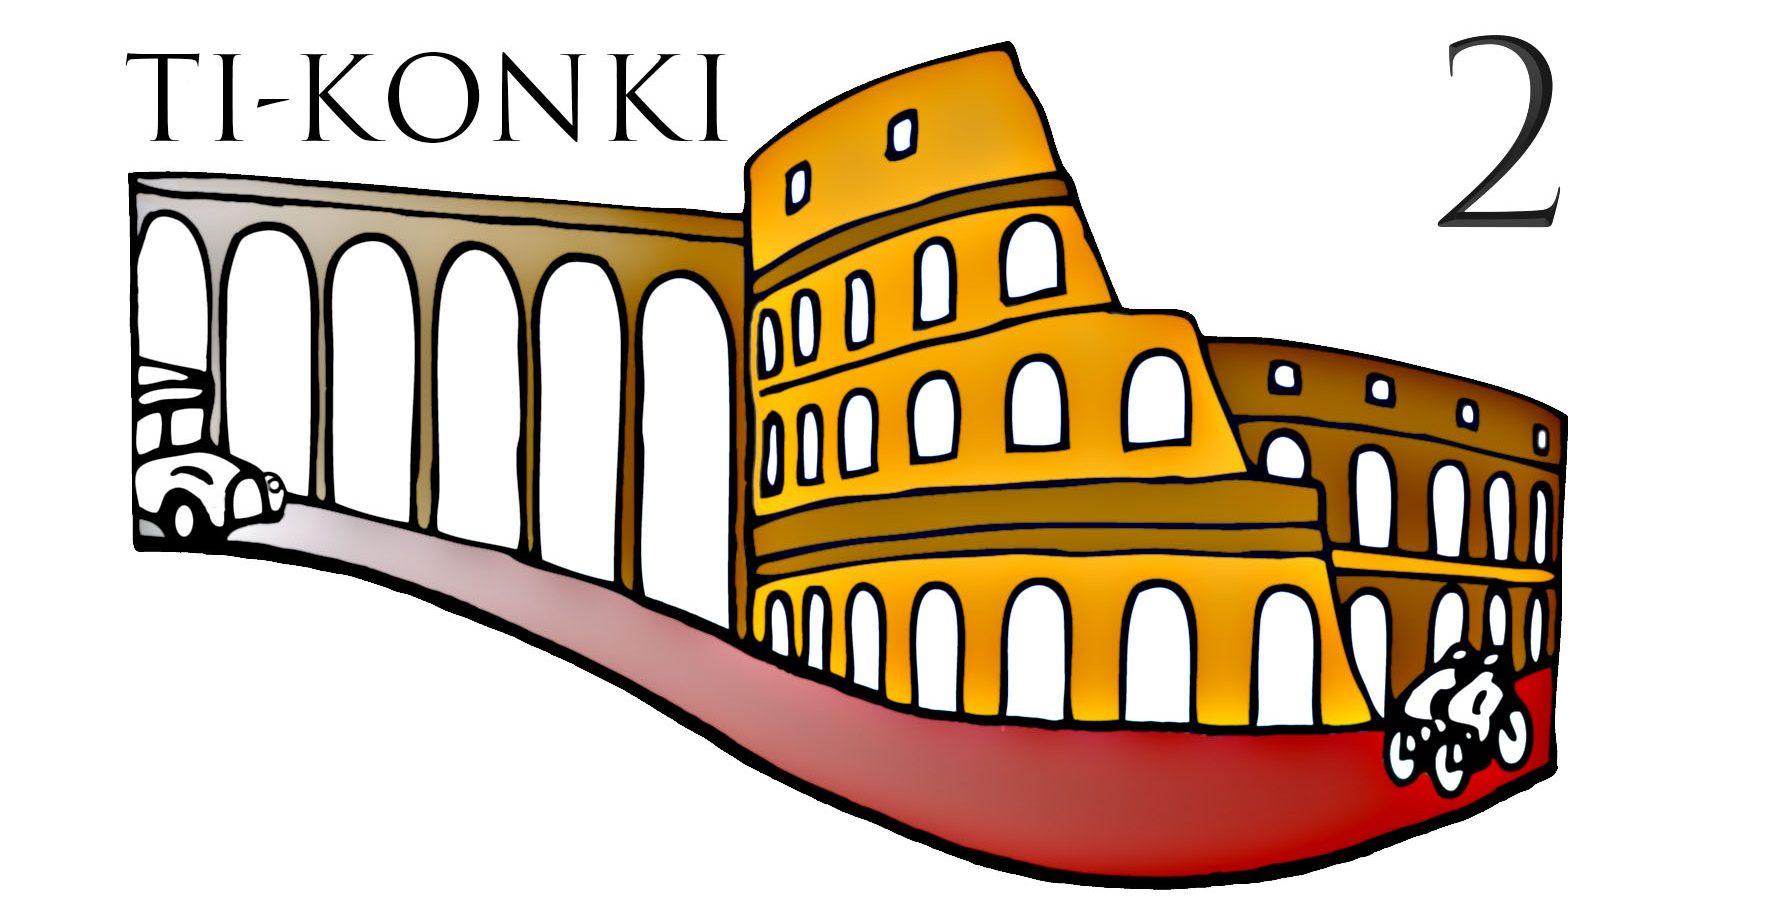 Ti-Konki Challenge